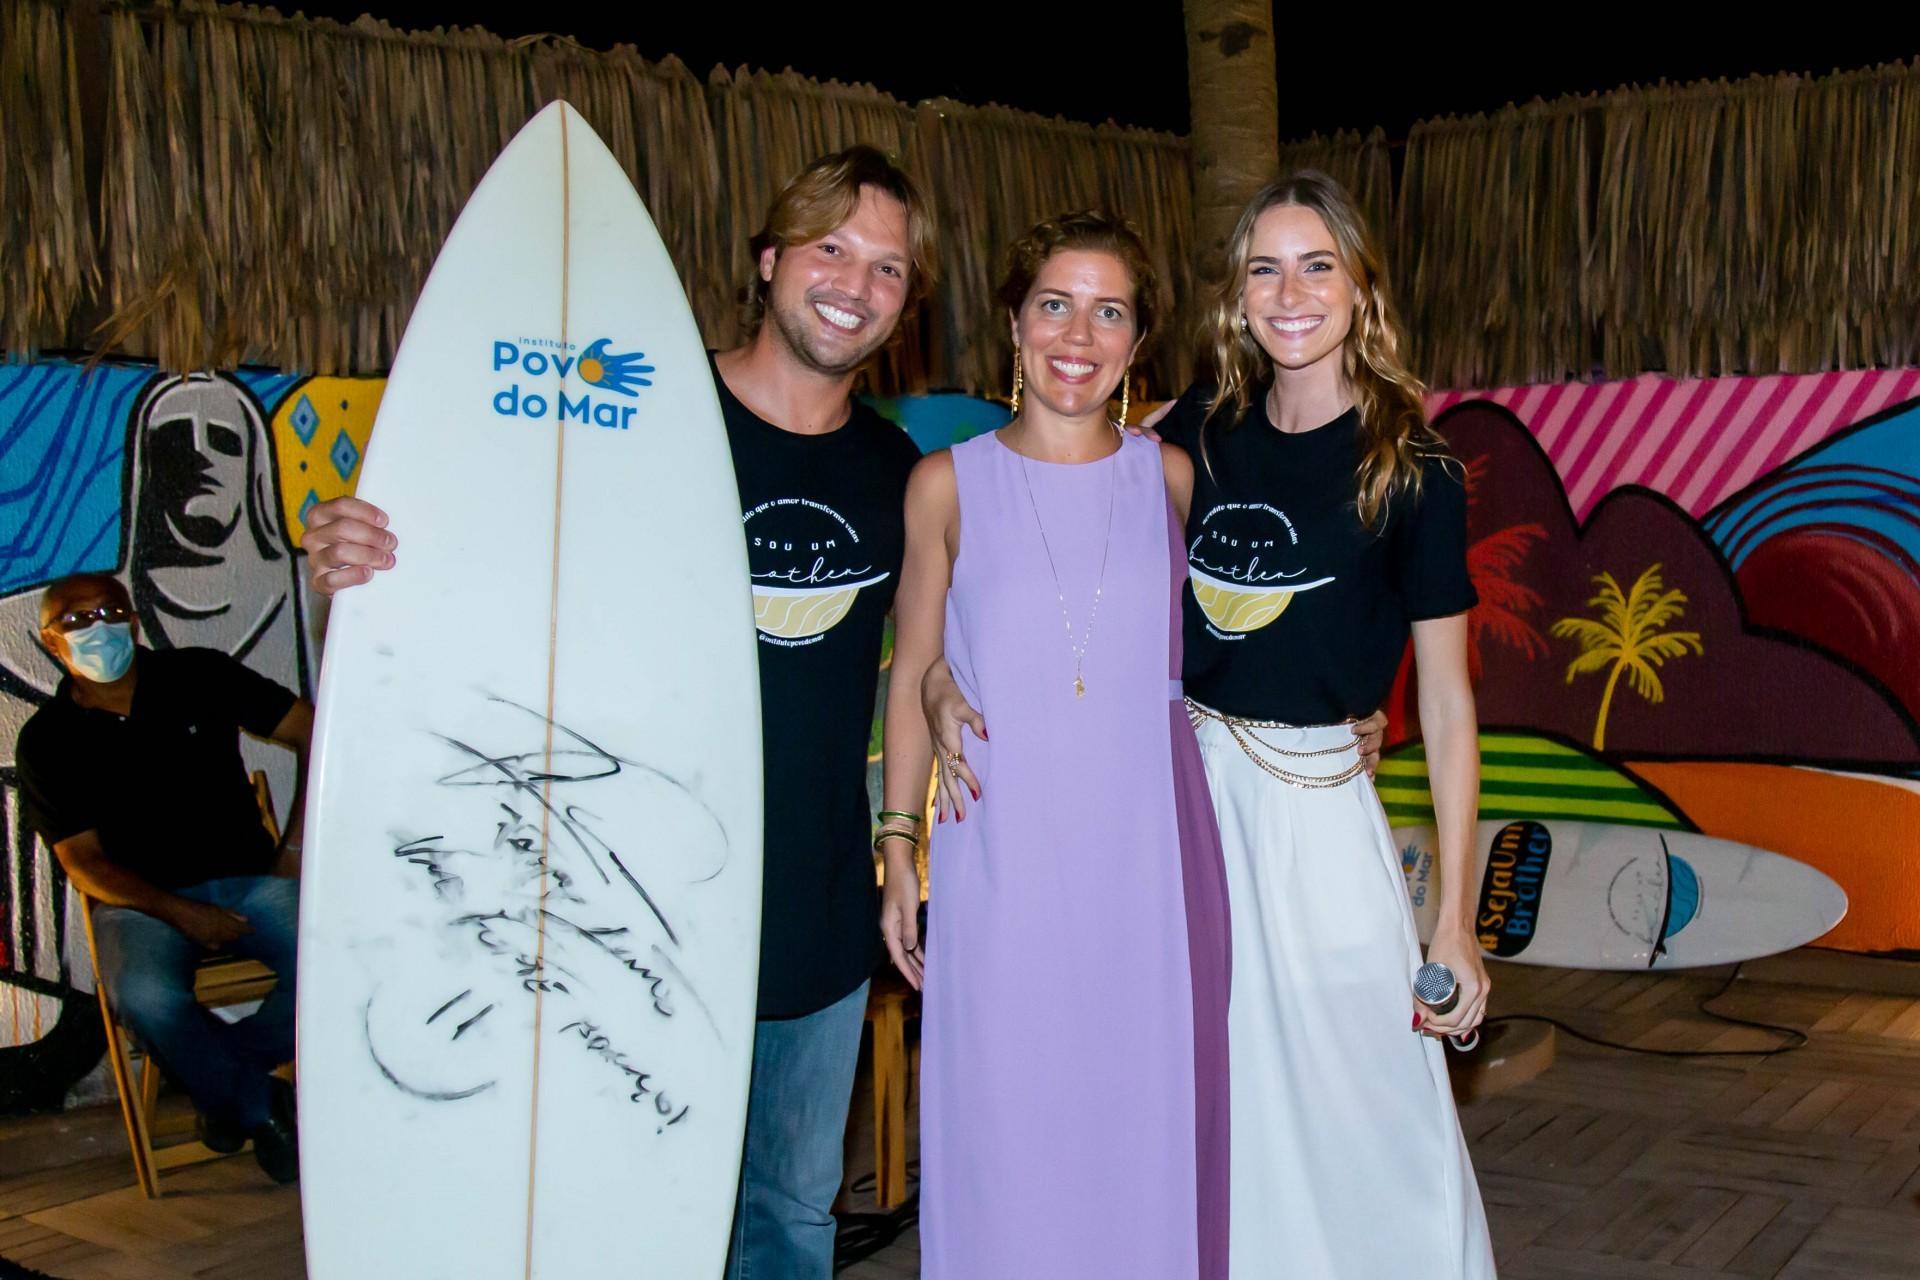 (Foto: Israel_Rodrigues/ Divulgação)Victor Melo com Ticiana Rolim e Dani Gondim